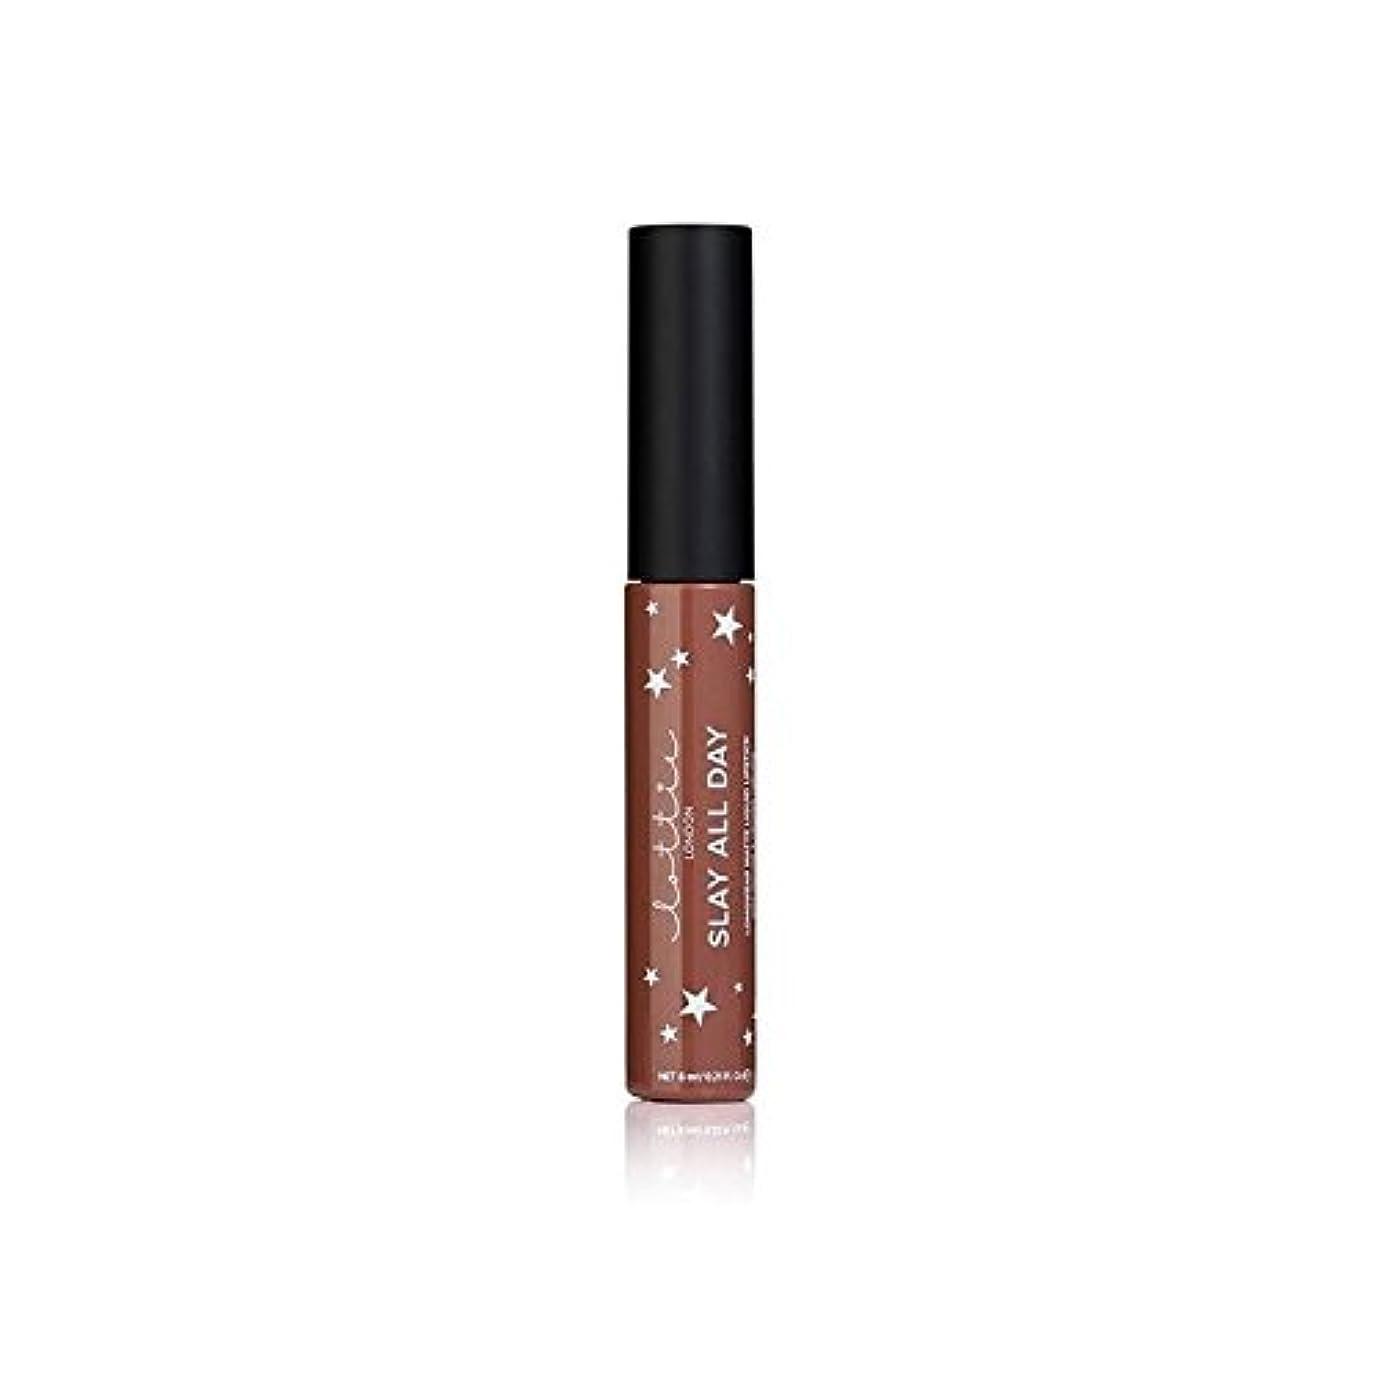 労苦に対処するカッターLottie London Matte Liquid Lipstick - Hey Bae (Pack of 6) - ロンドンマット液状口紅 - ちょっとペ x6 [並行輸入品]